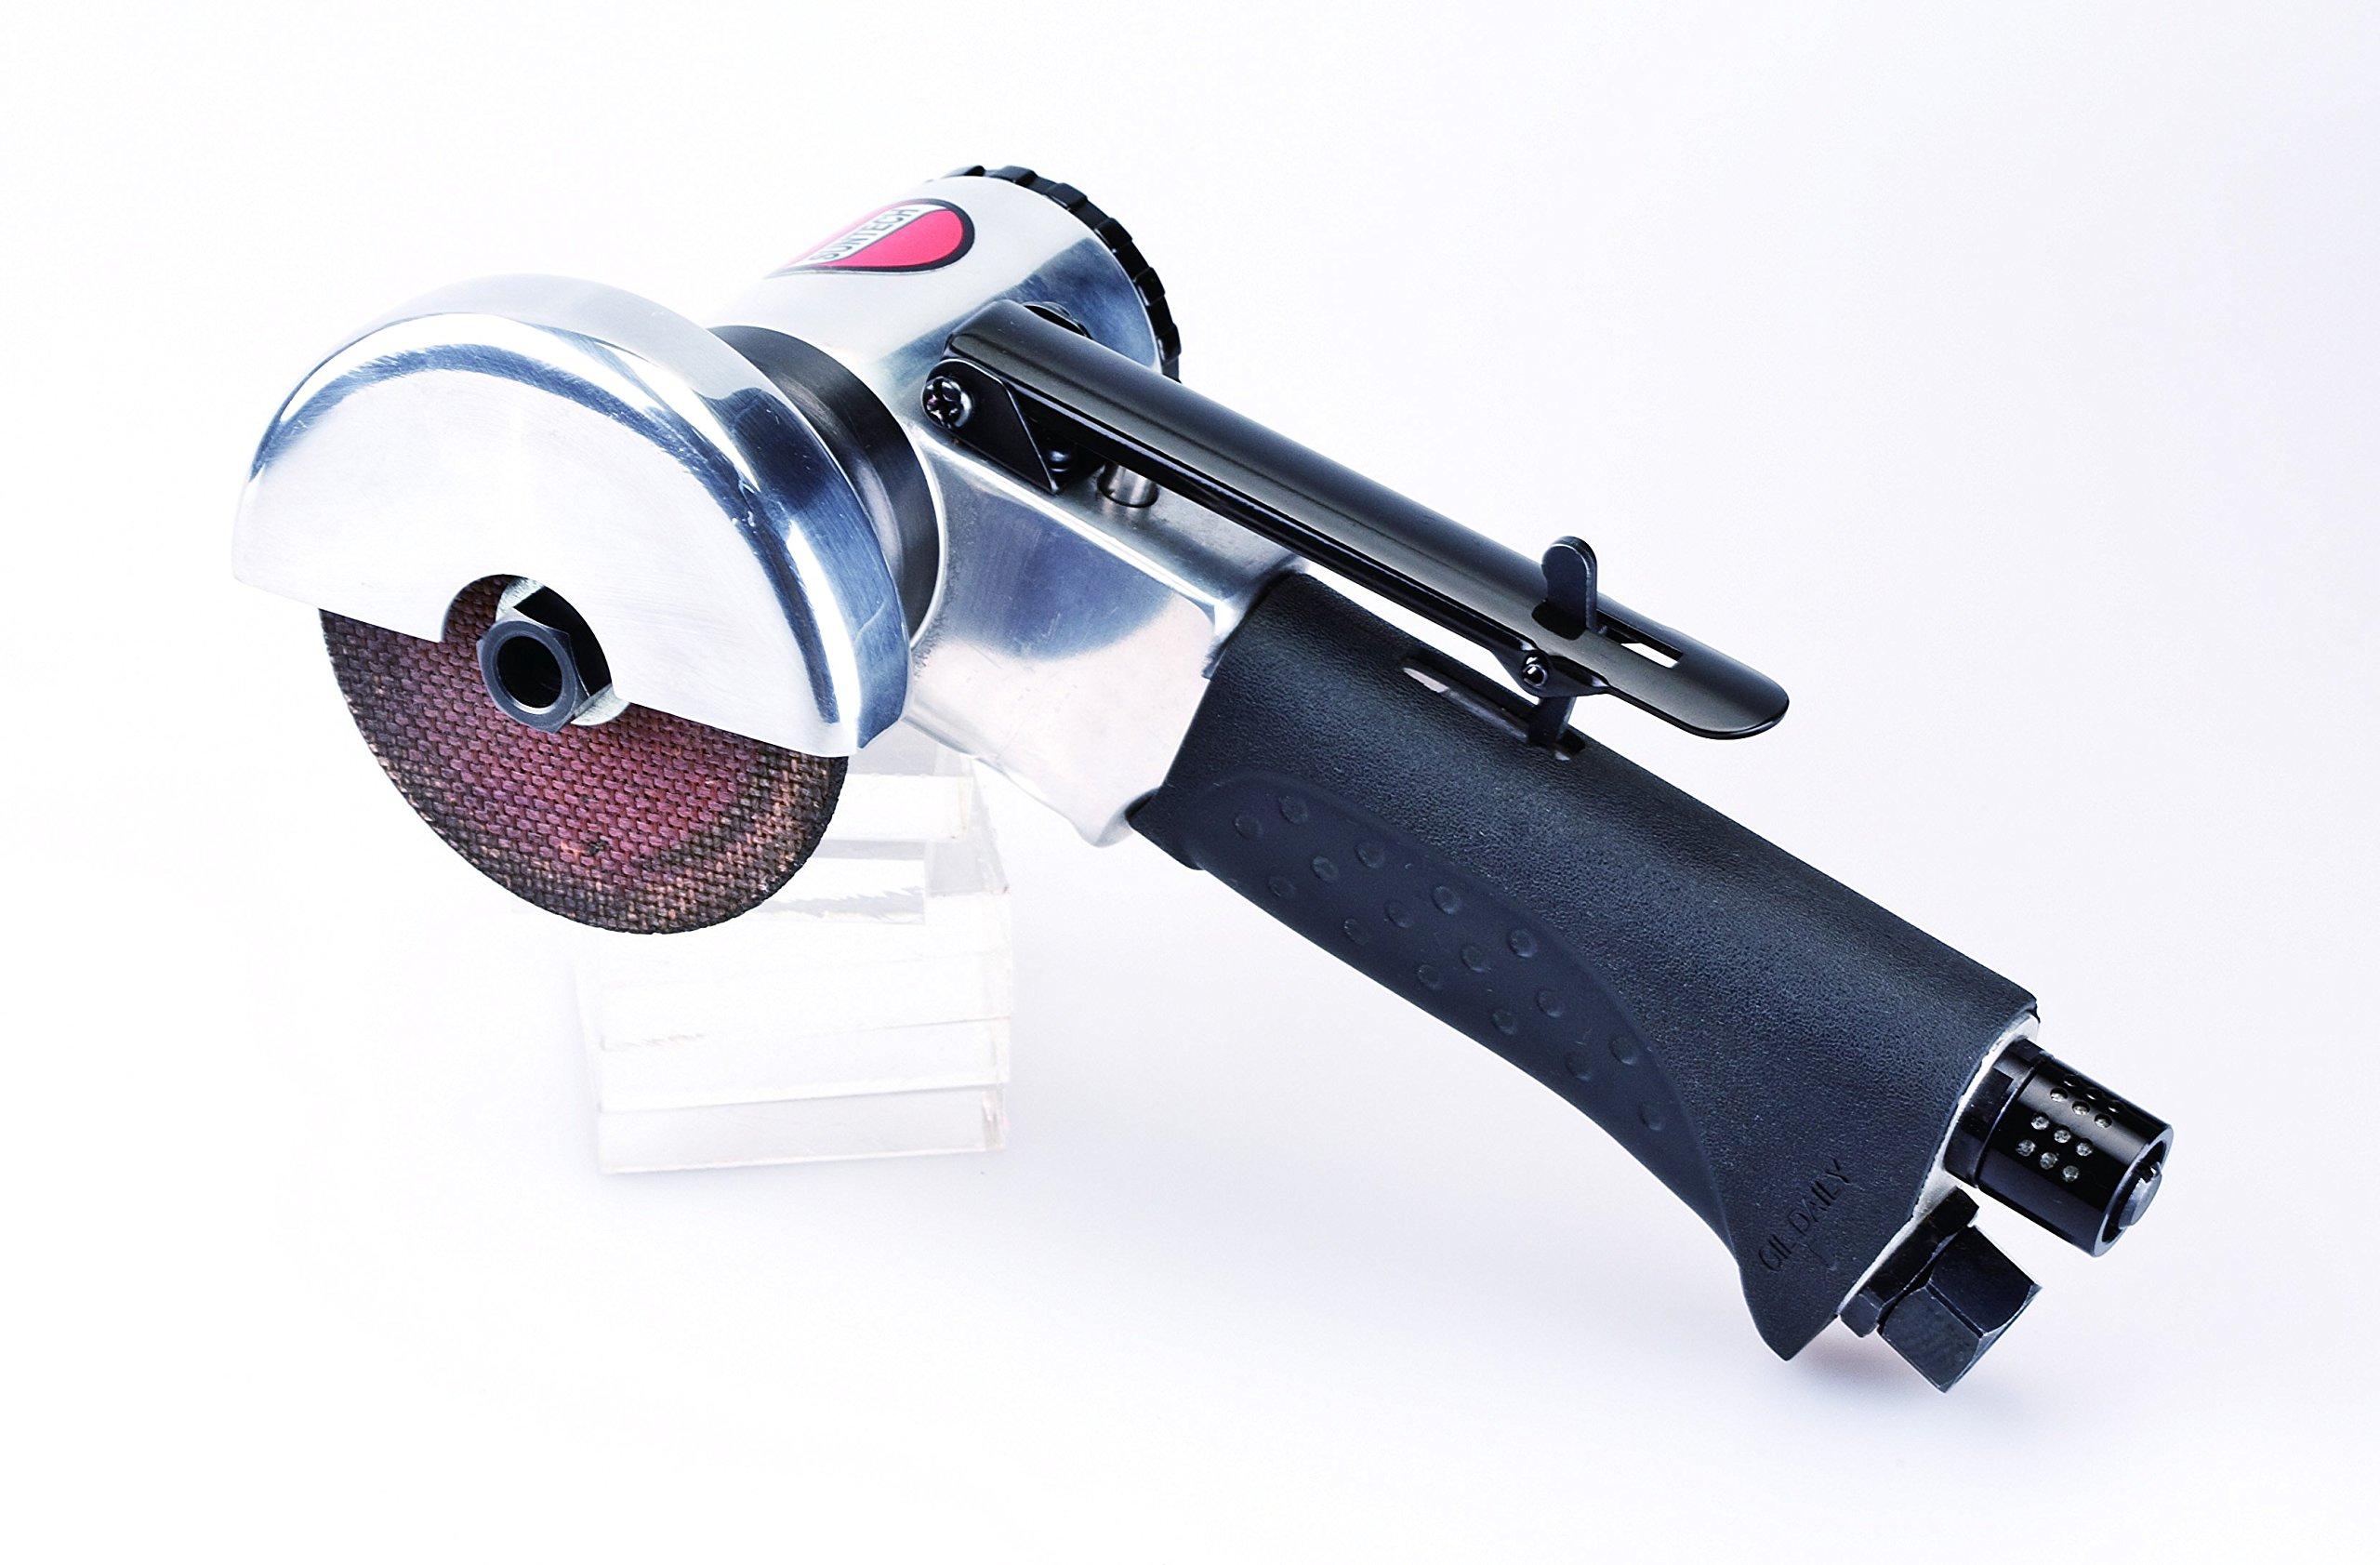 SUNTECH SM-5K-6200 Sunmatch Power Angle Grinders, Black